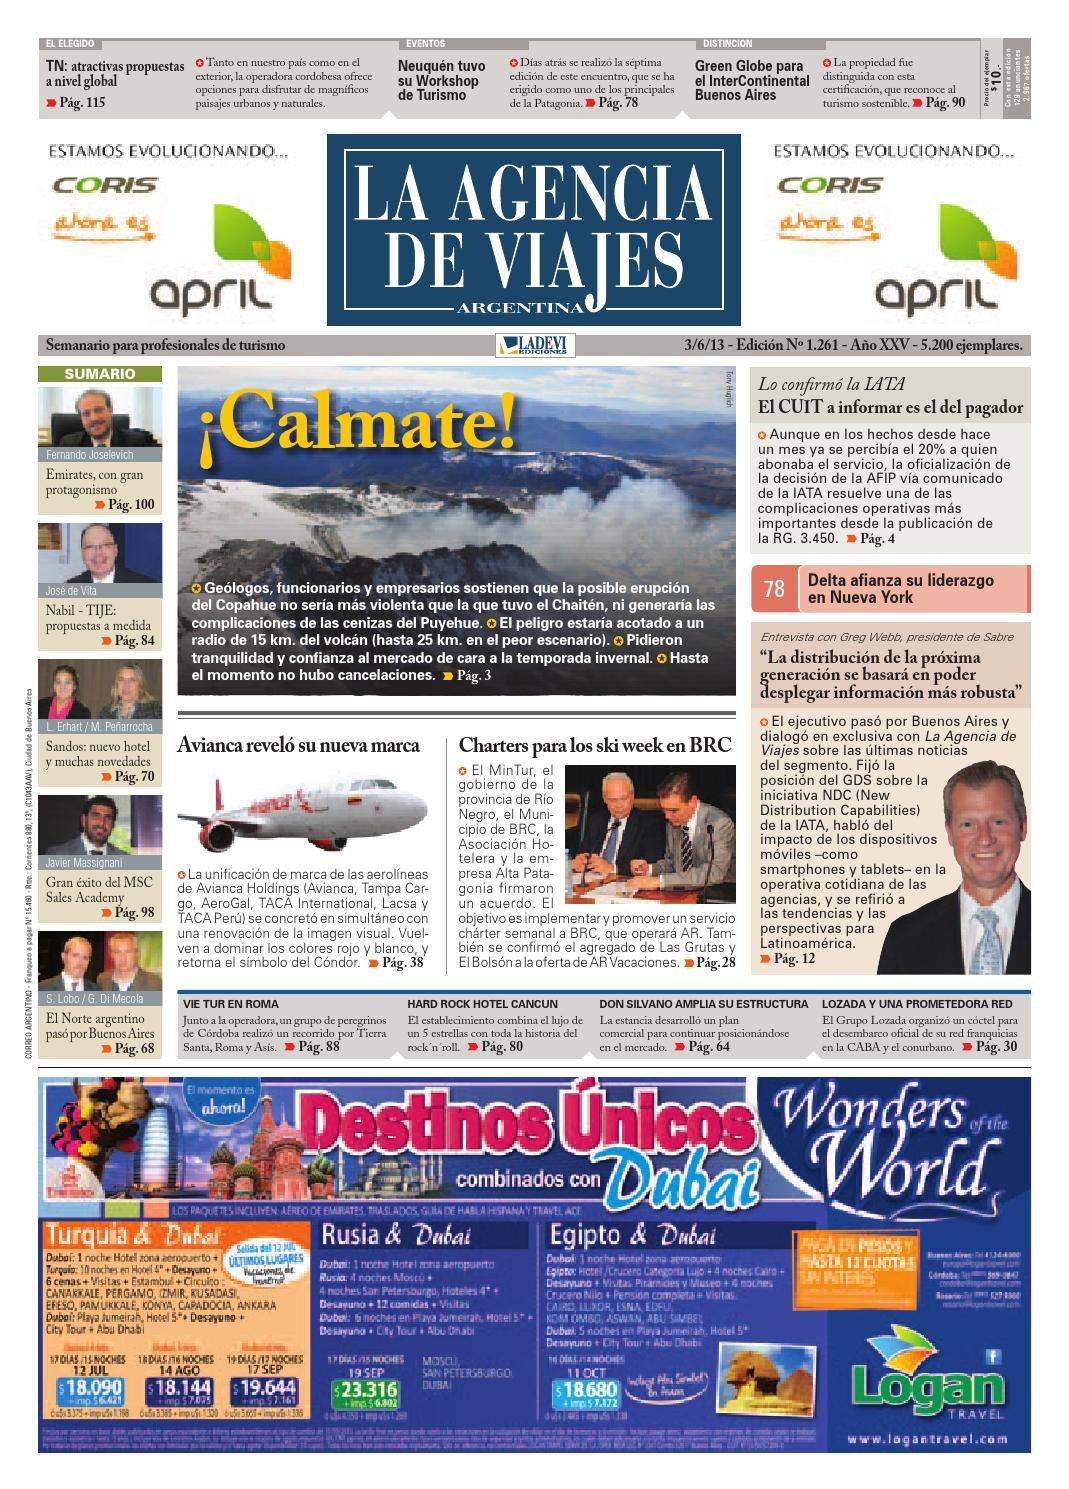 Casino de misiones corrientes online confiable Rio de Janeiro - 86133